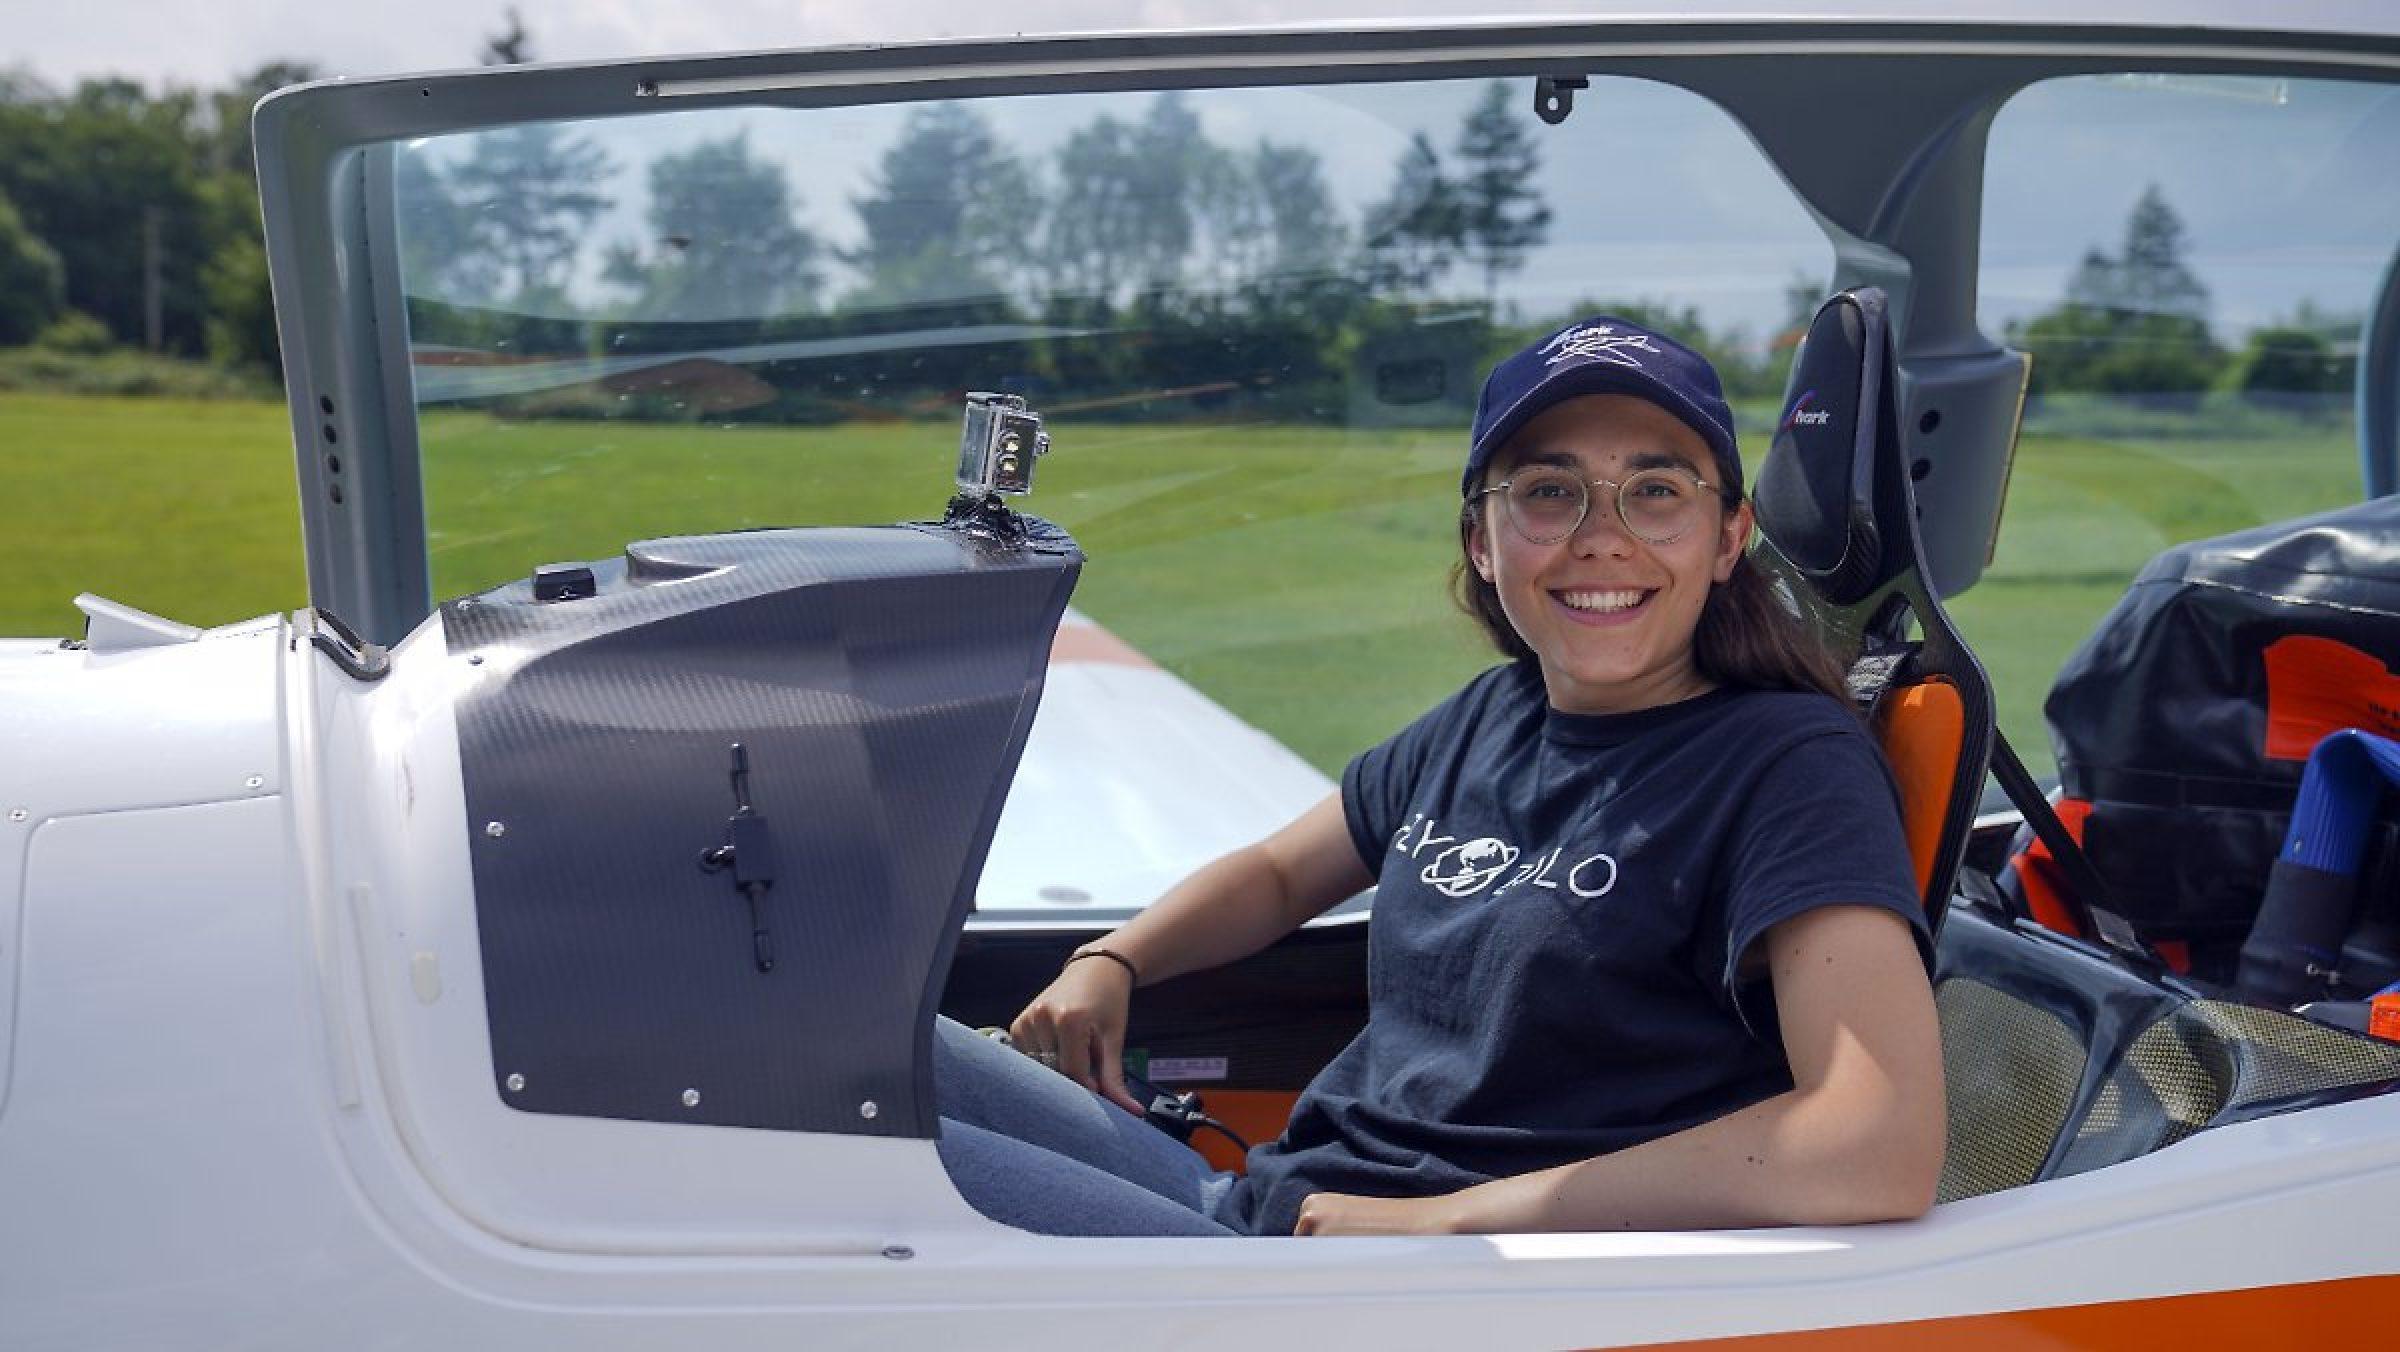 19-летняя девушка путешествует по миру в одиночку на самолете